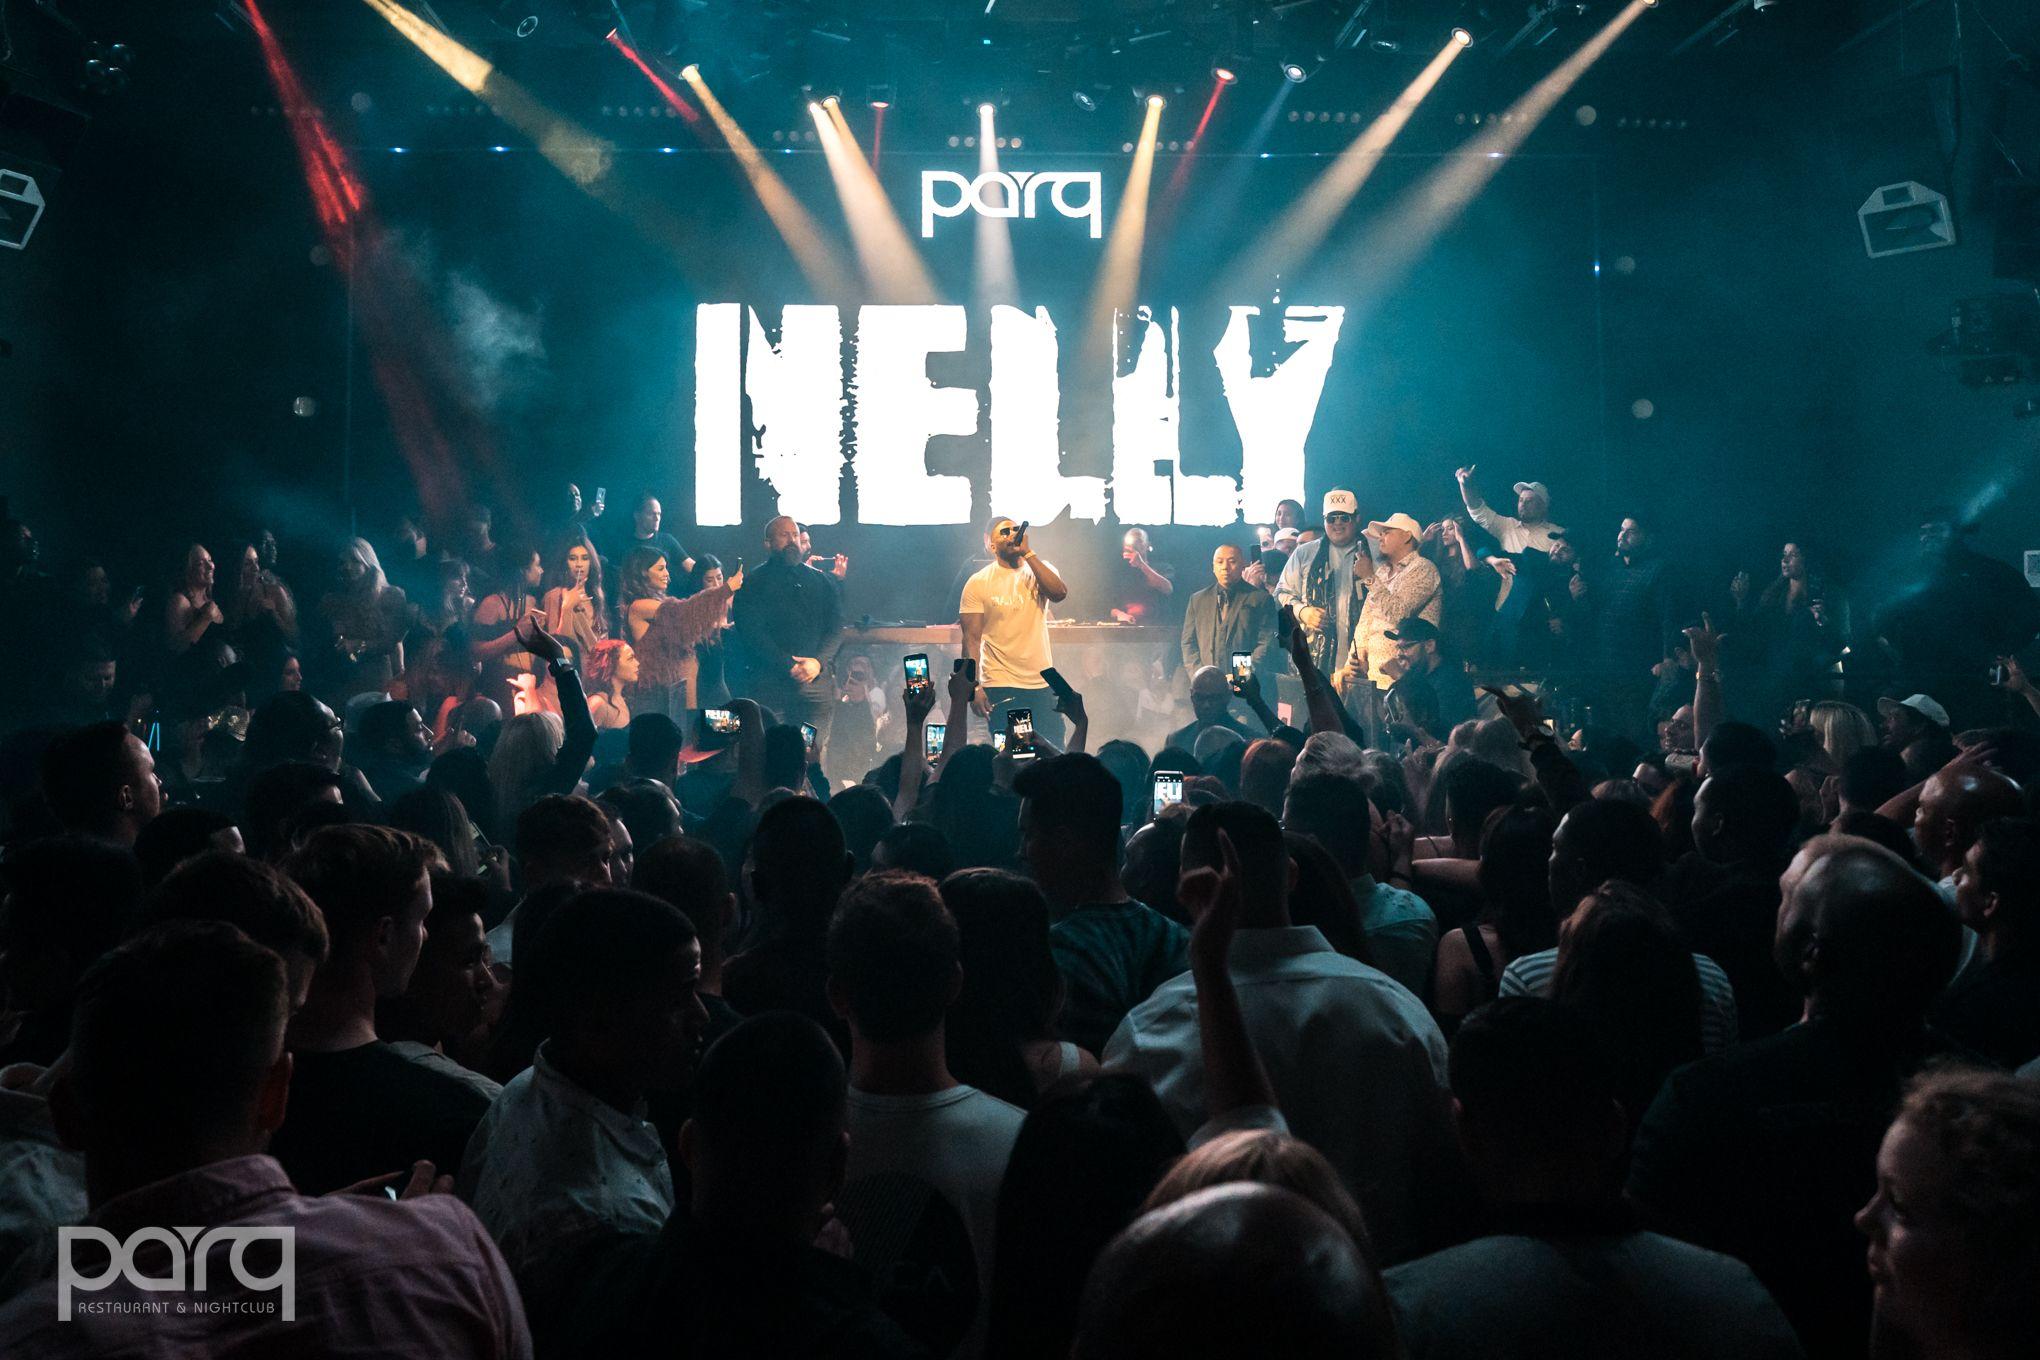 06.14.19 Parq - Nelly-16.jpg